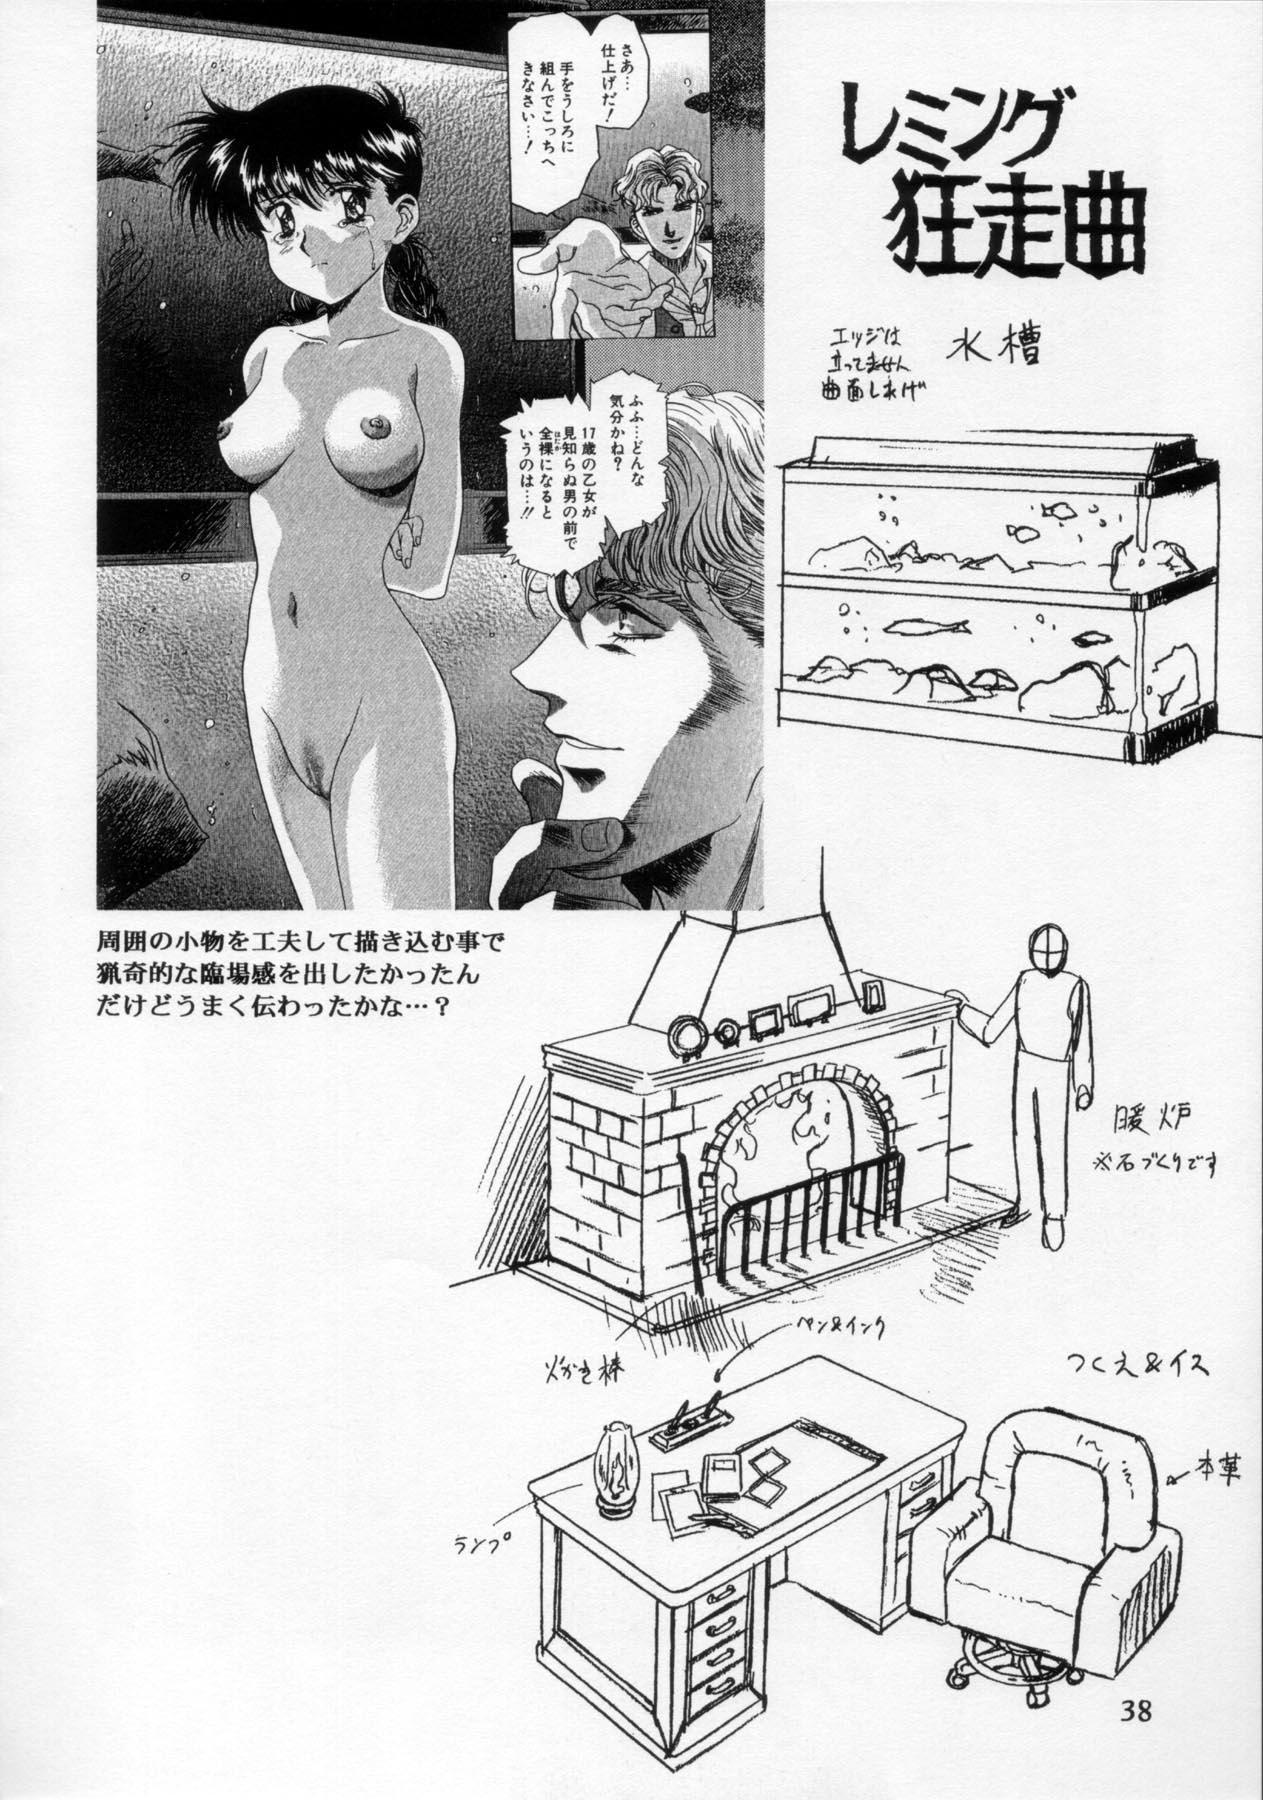 Henreikai '98 Natsu SPECIAL 38